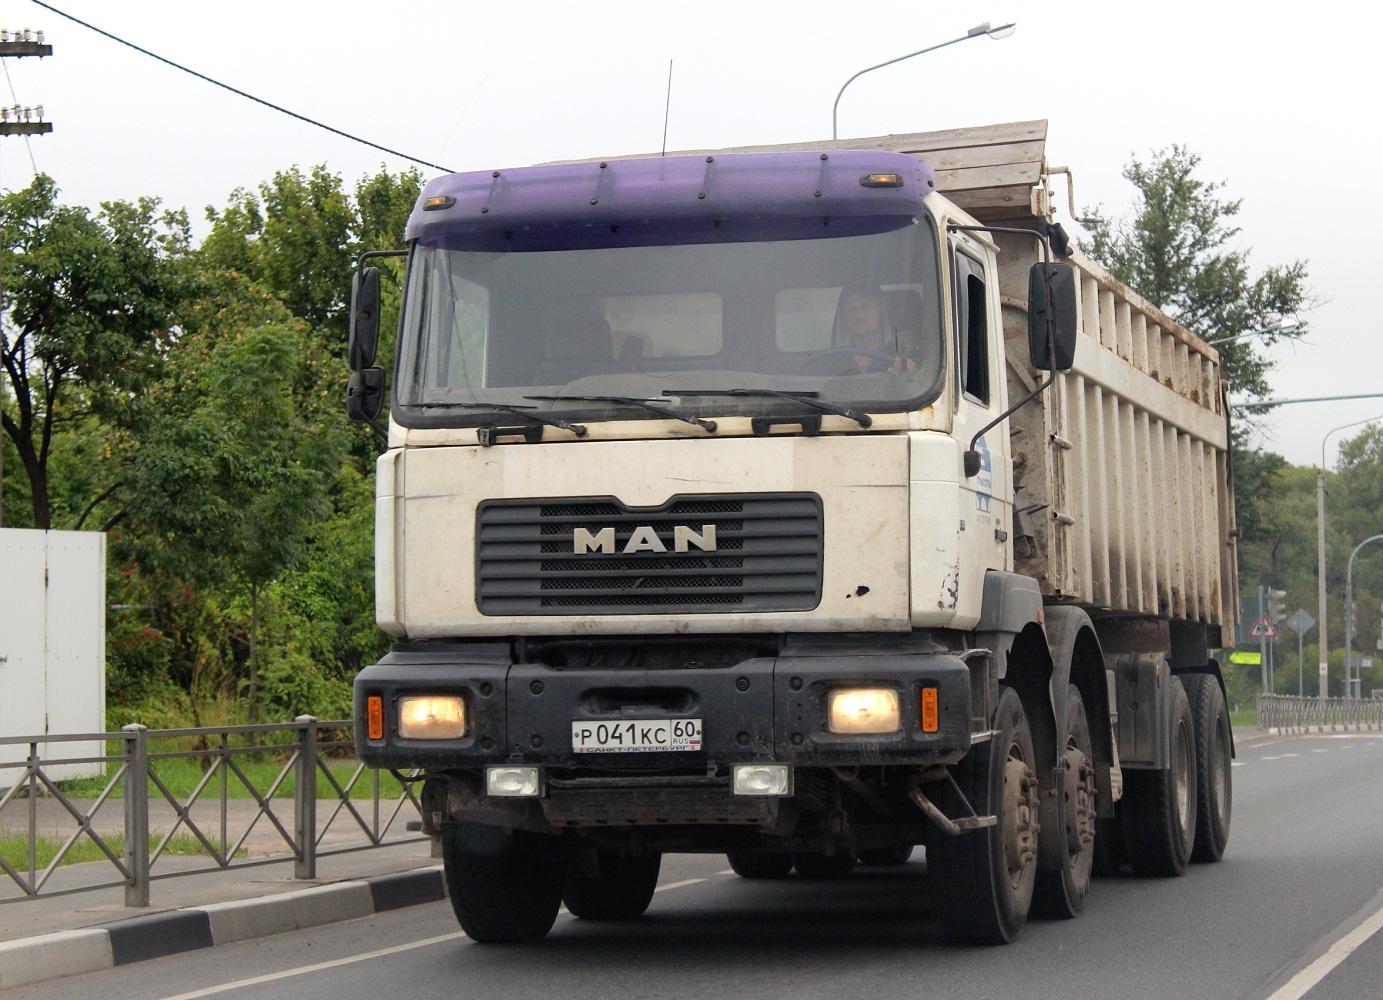 Самосвал MAN DF #Р 041 КС 60. Псковская область, трасса Р-23